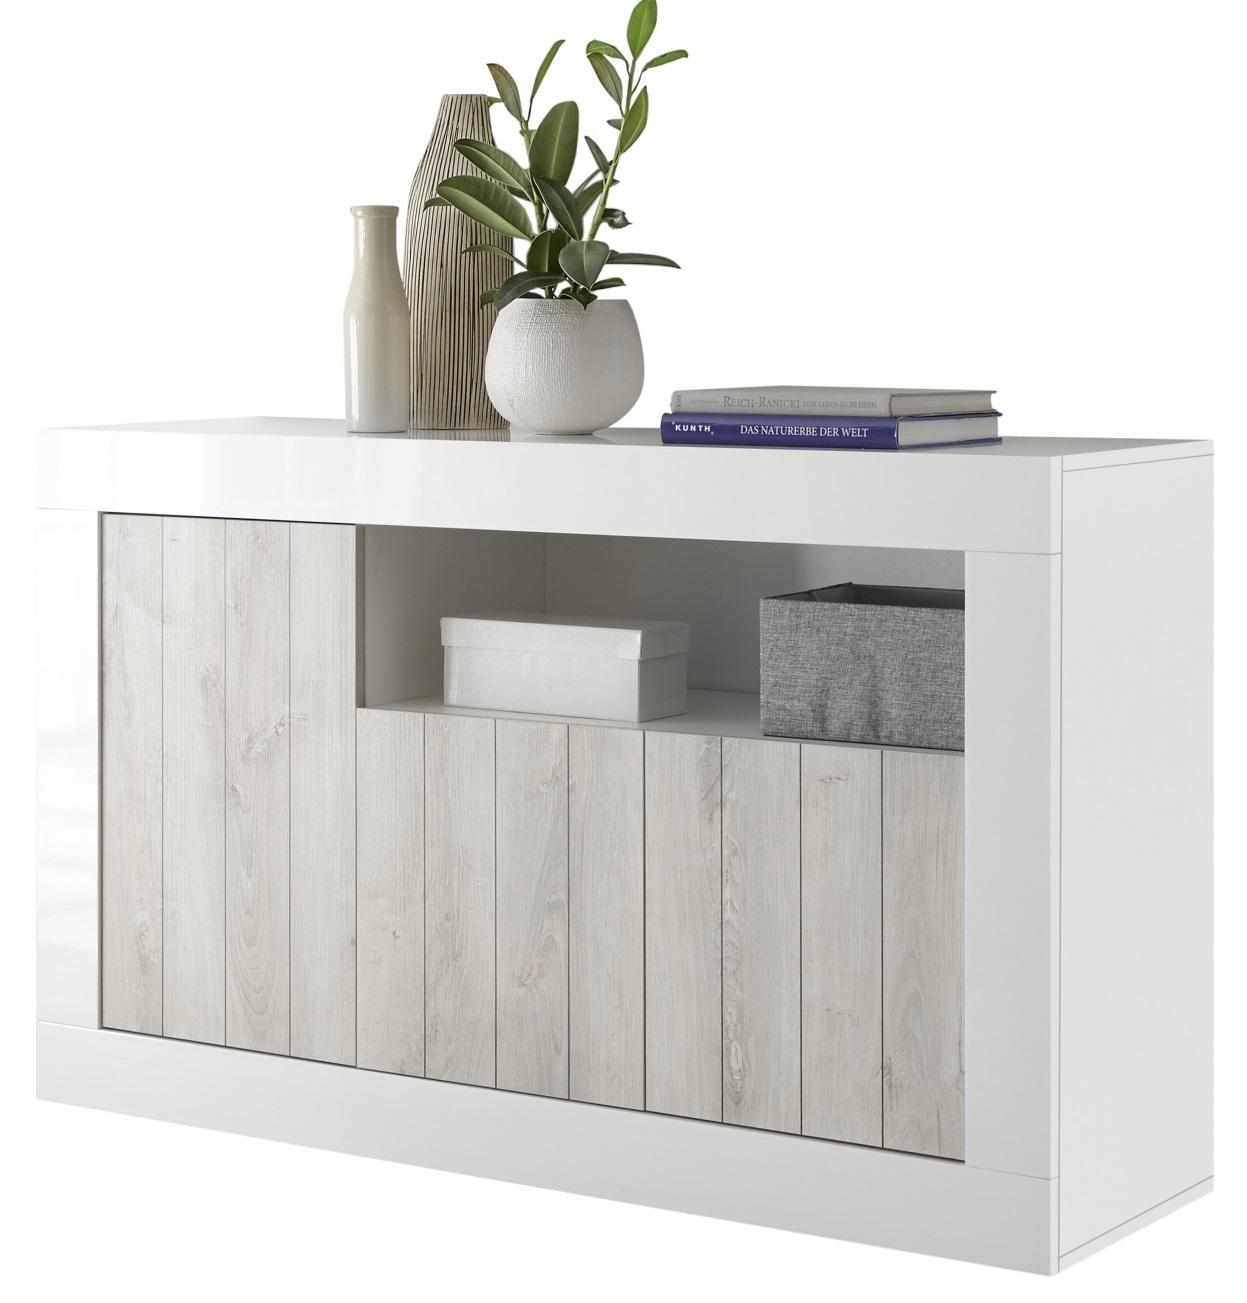 Dressoir Urbino 138 cm breed in hoogglans wit met grenen wit   Pesaro Mobilia